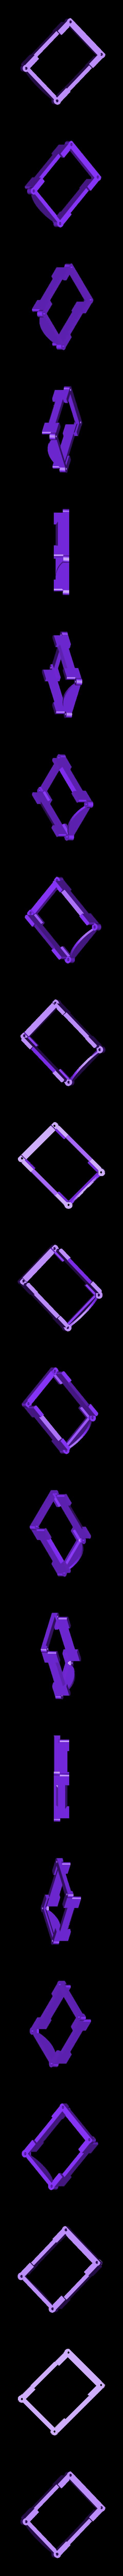 Frame_110_acro_spracing__lipo_500.stl Descargar archivo STL gratis DC110 ABS ACRO para el Control de SP F3 RACING Vuelo EVO Brush • Objeto para impresión 3D, Microdure